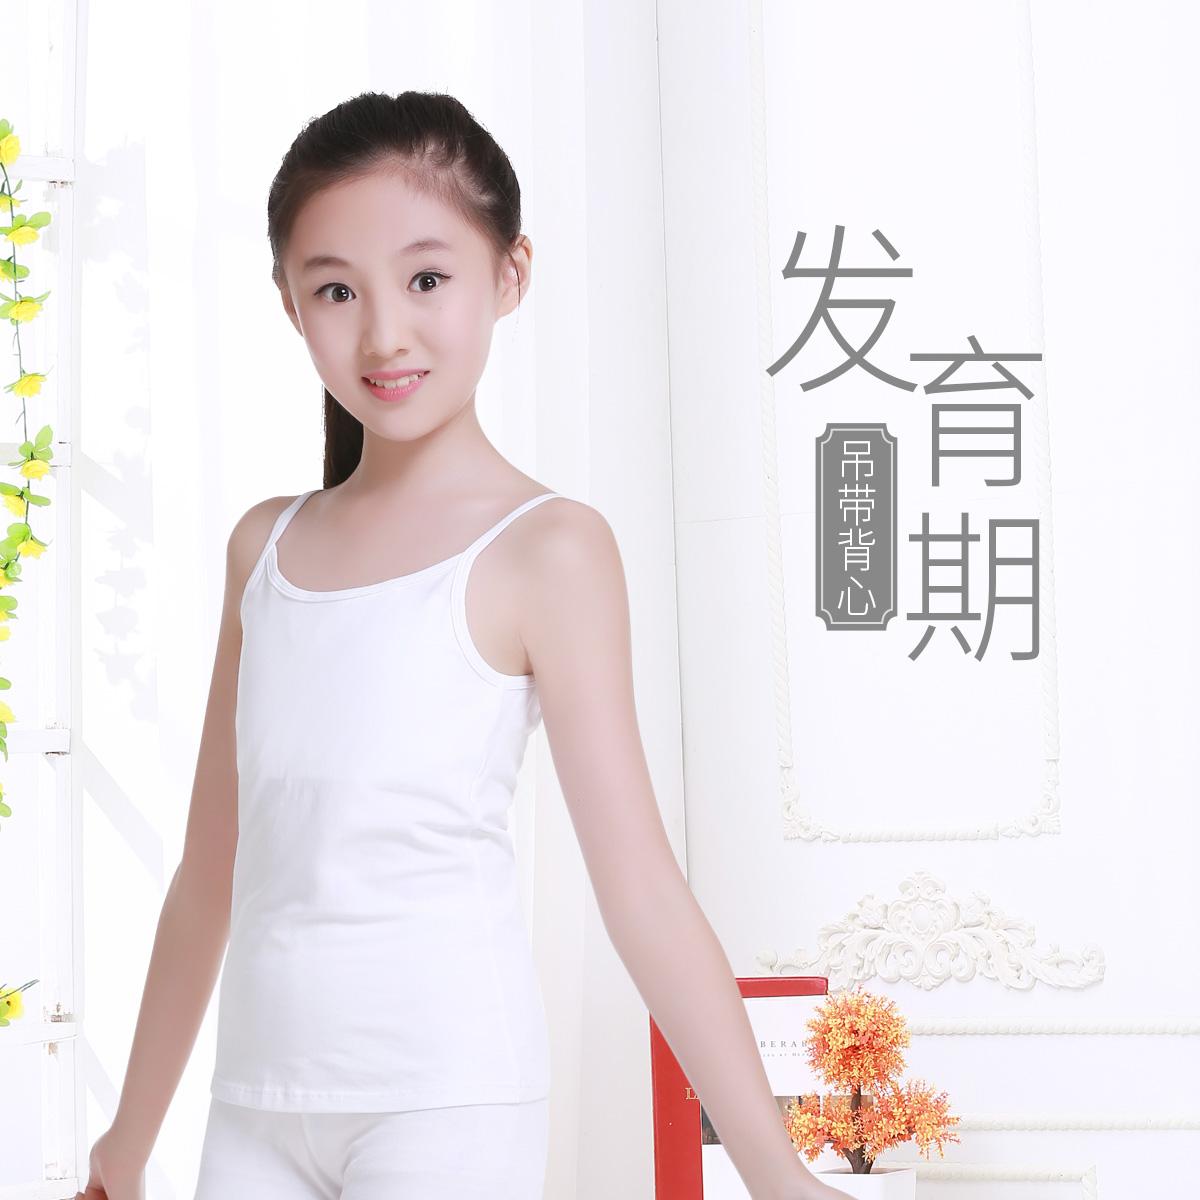 女童吊带背心内衣儿童中大童白色9-10-12-15岁小女孩学生打底夏薄